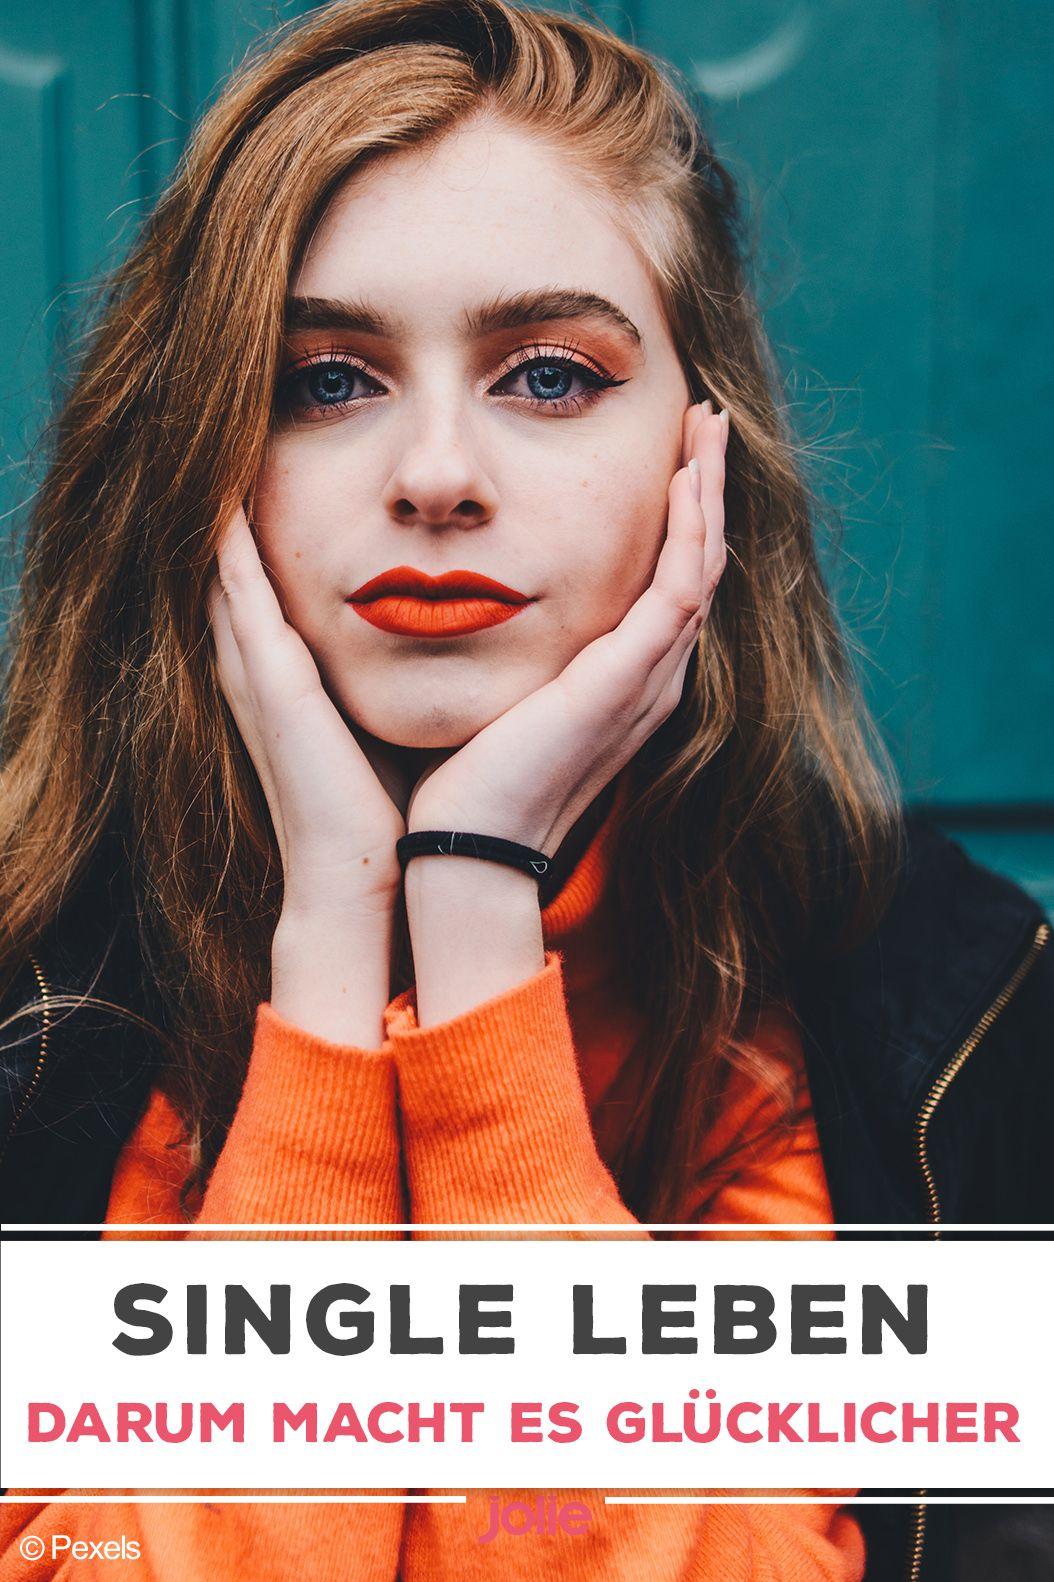 Single frauen leben